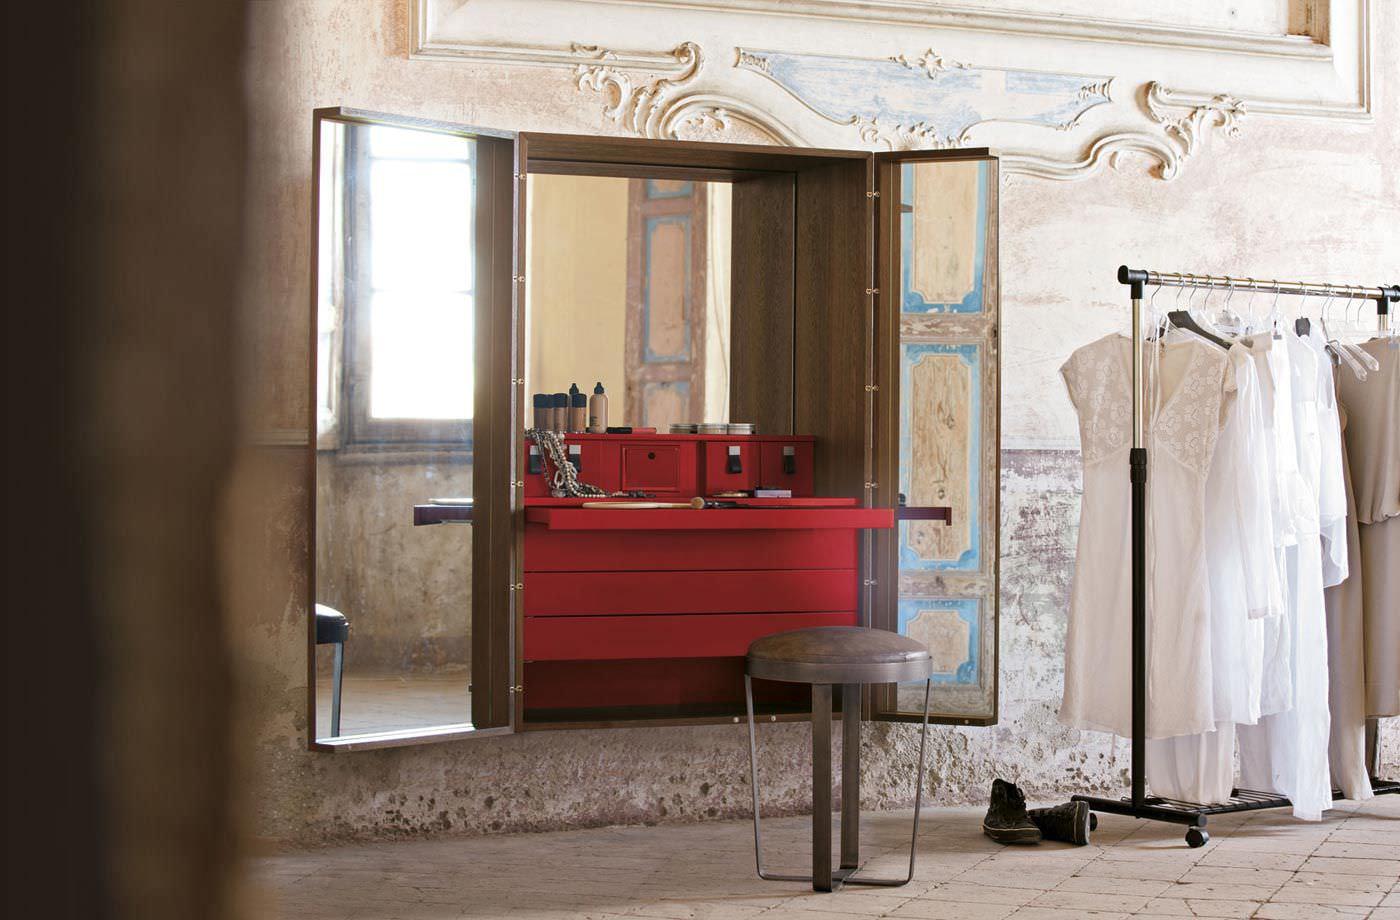 armadio da bagno must by willy dalto altamarea